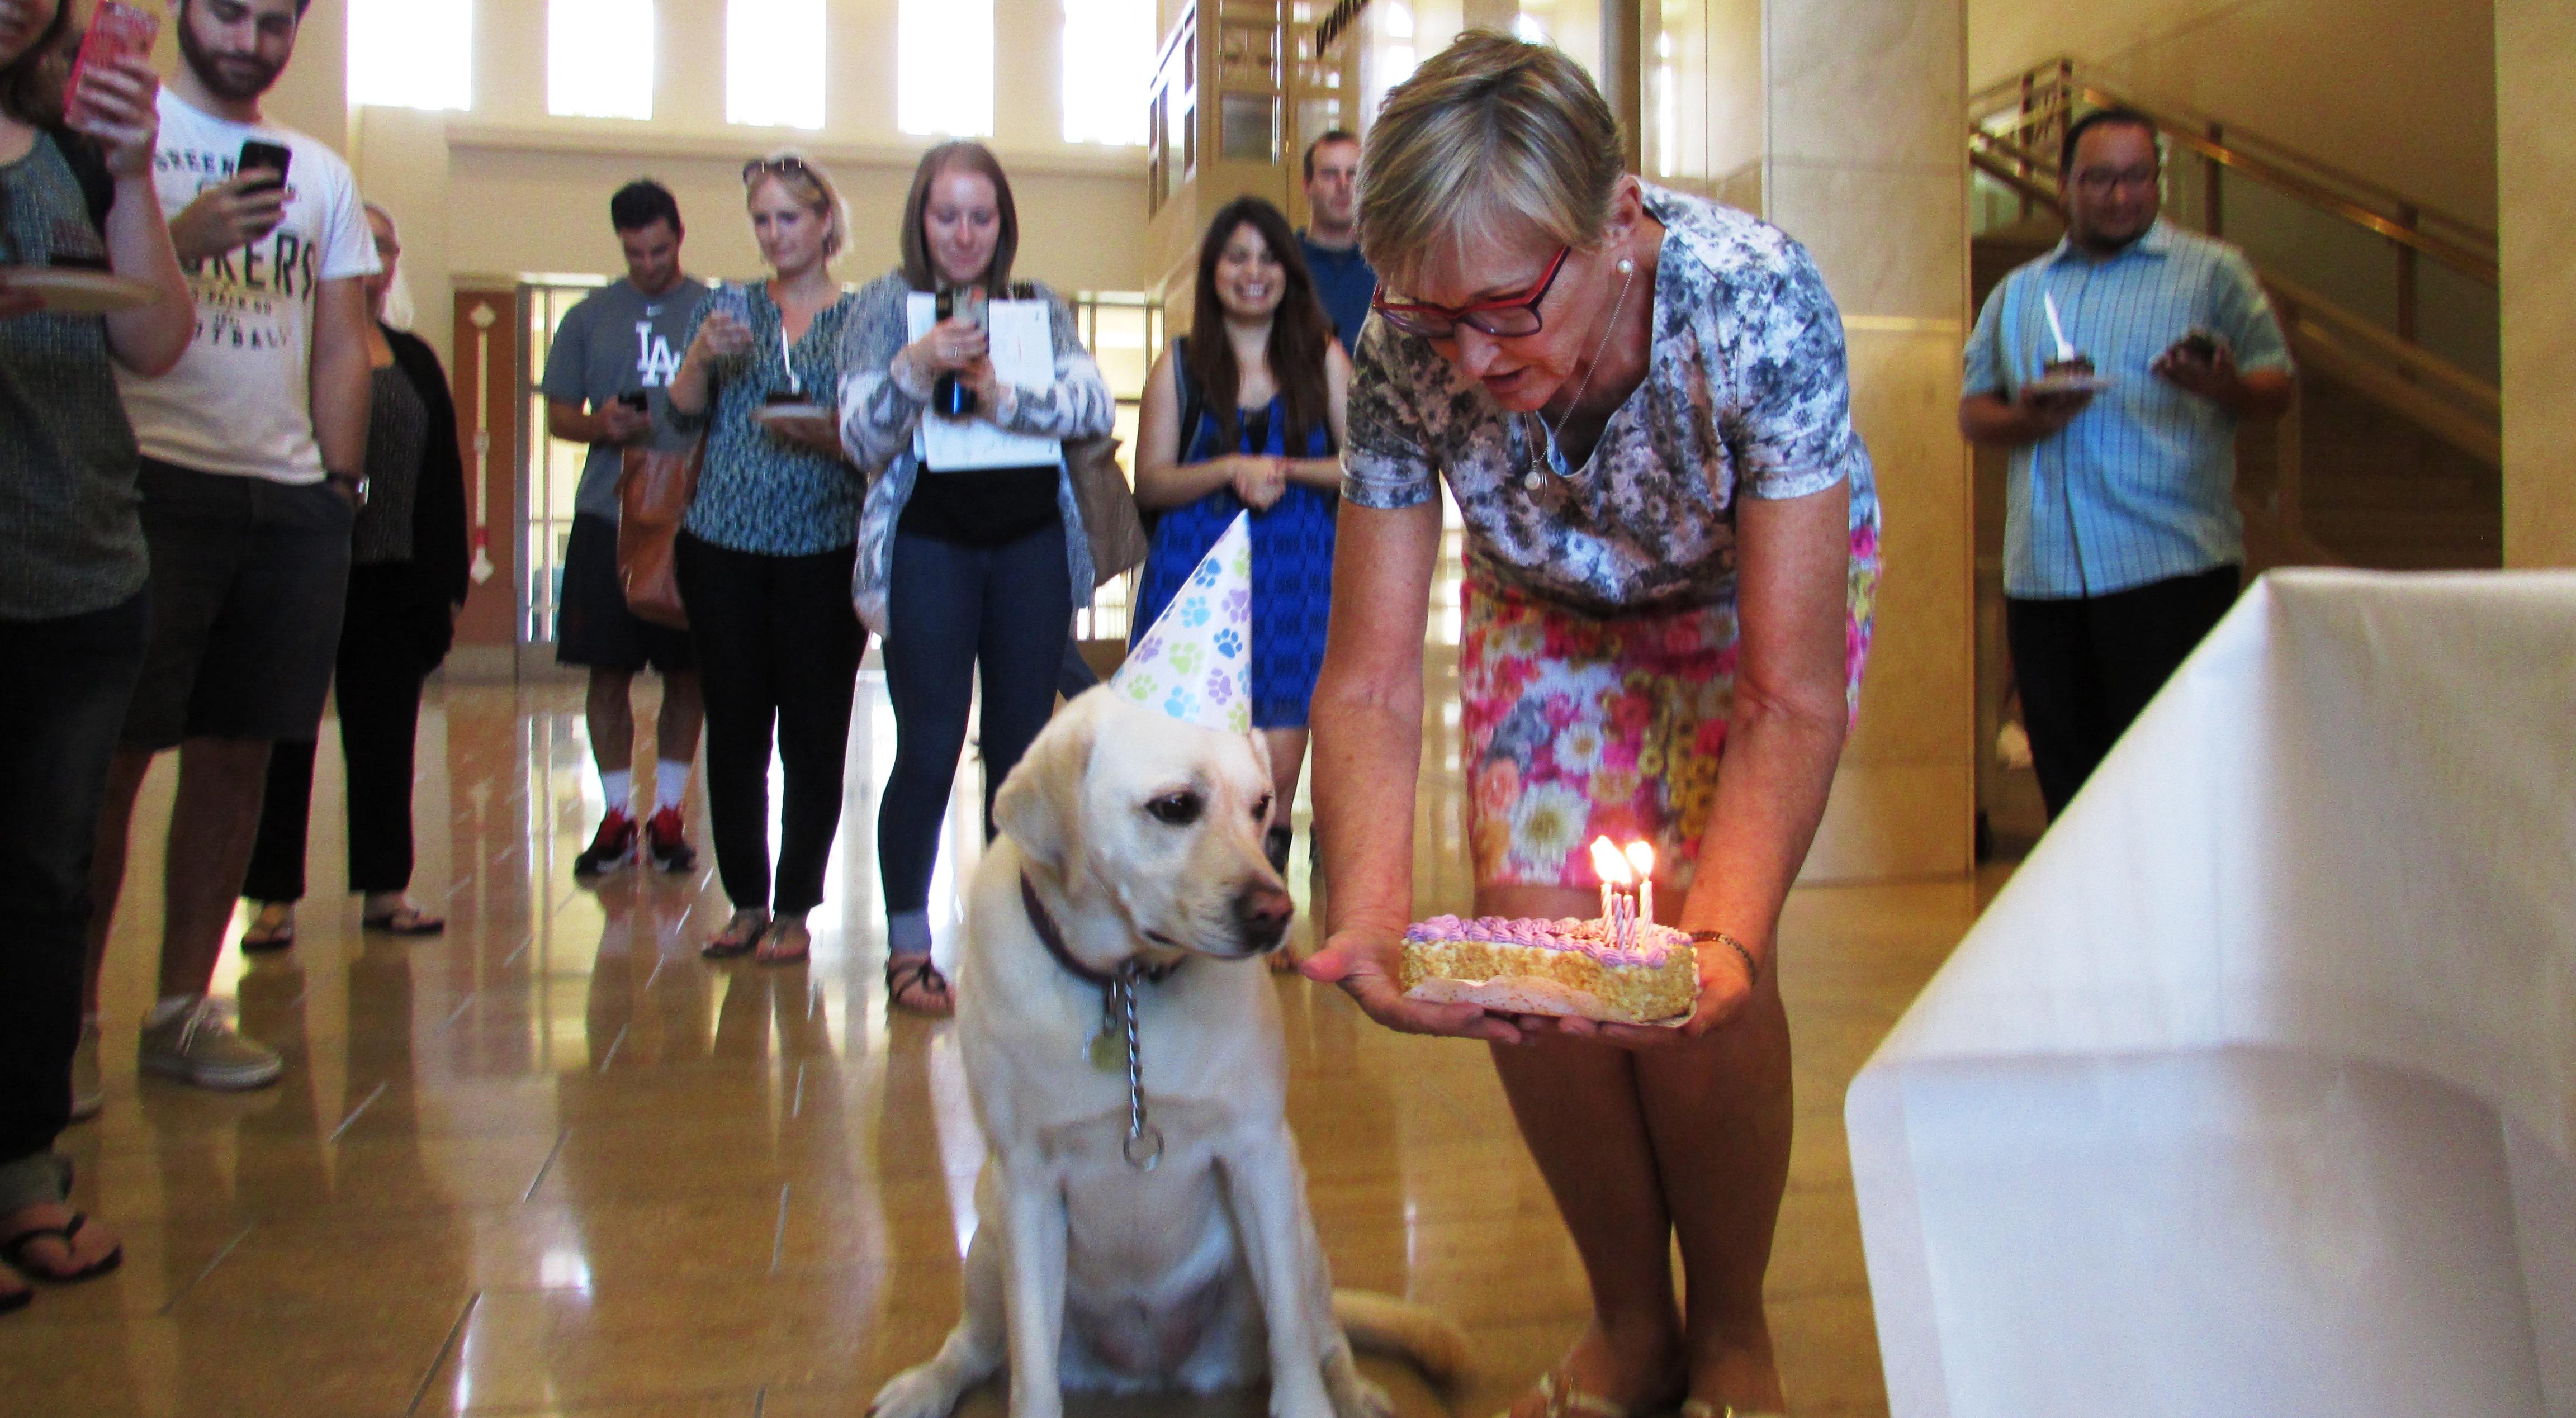 woman giving dog cake